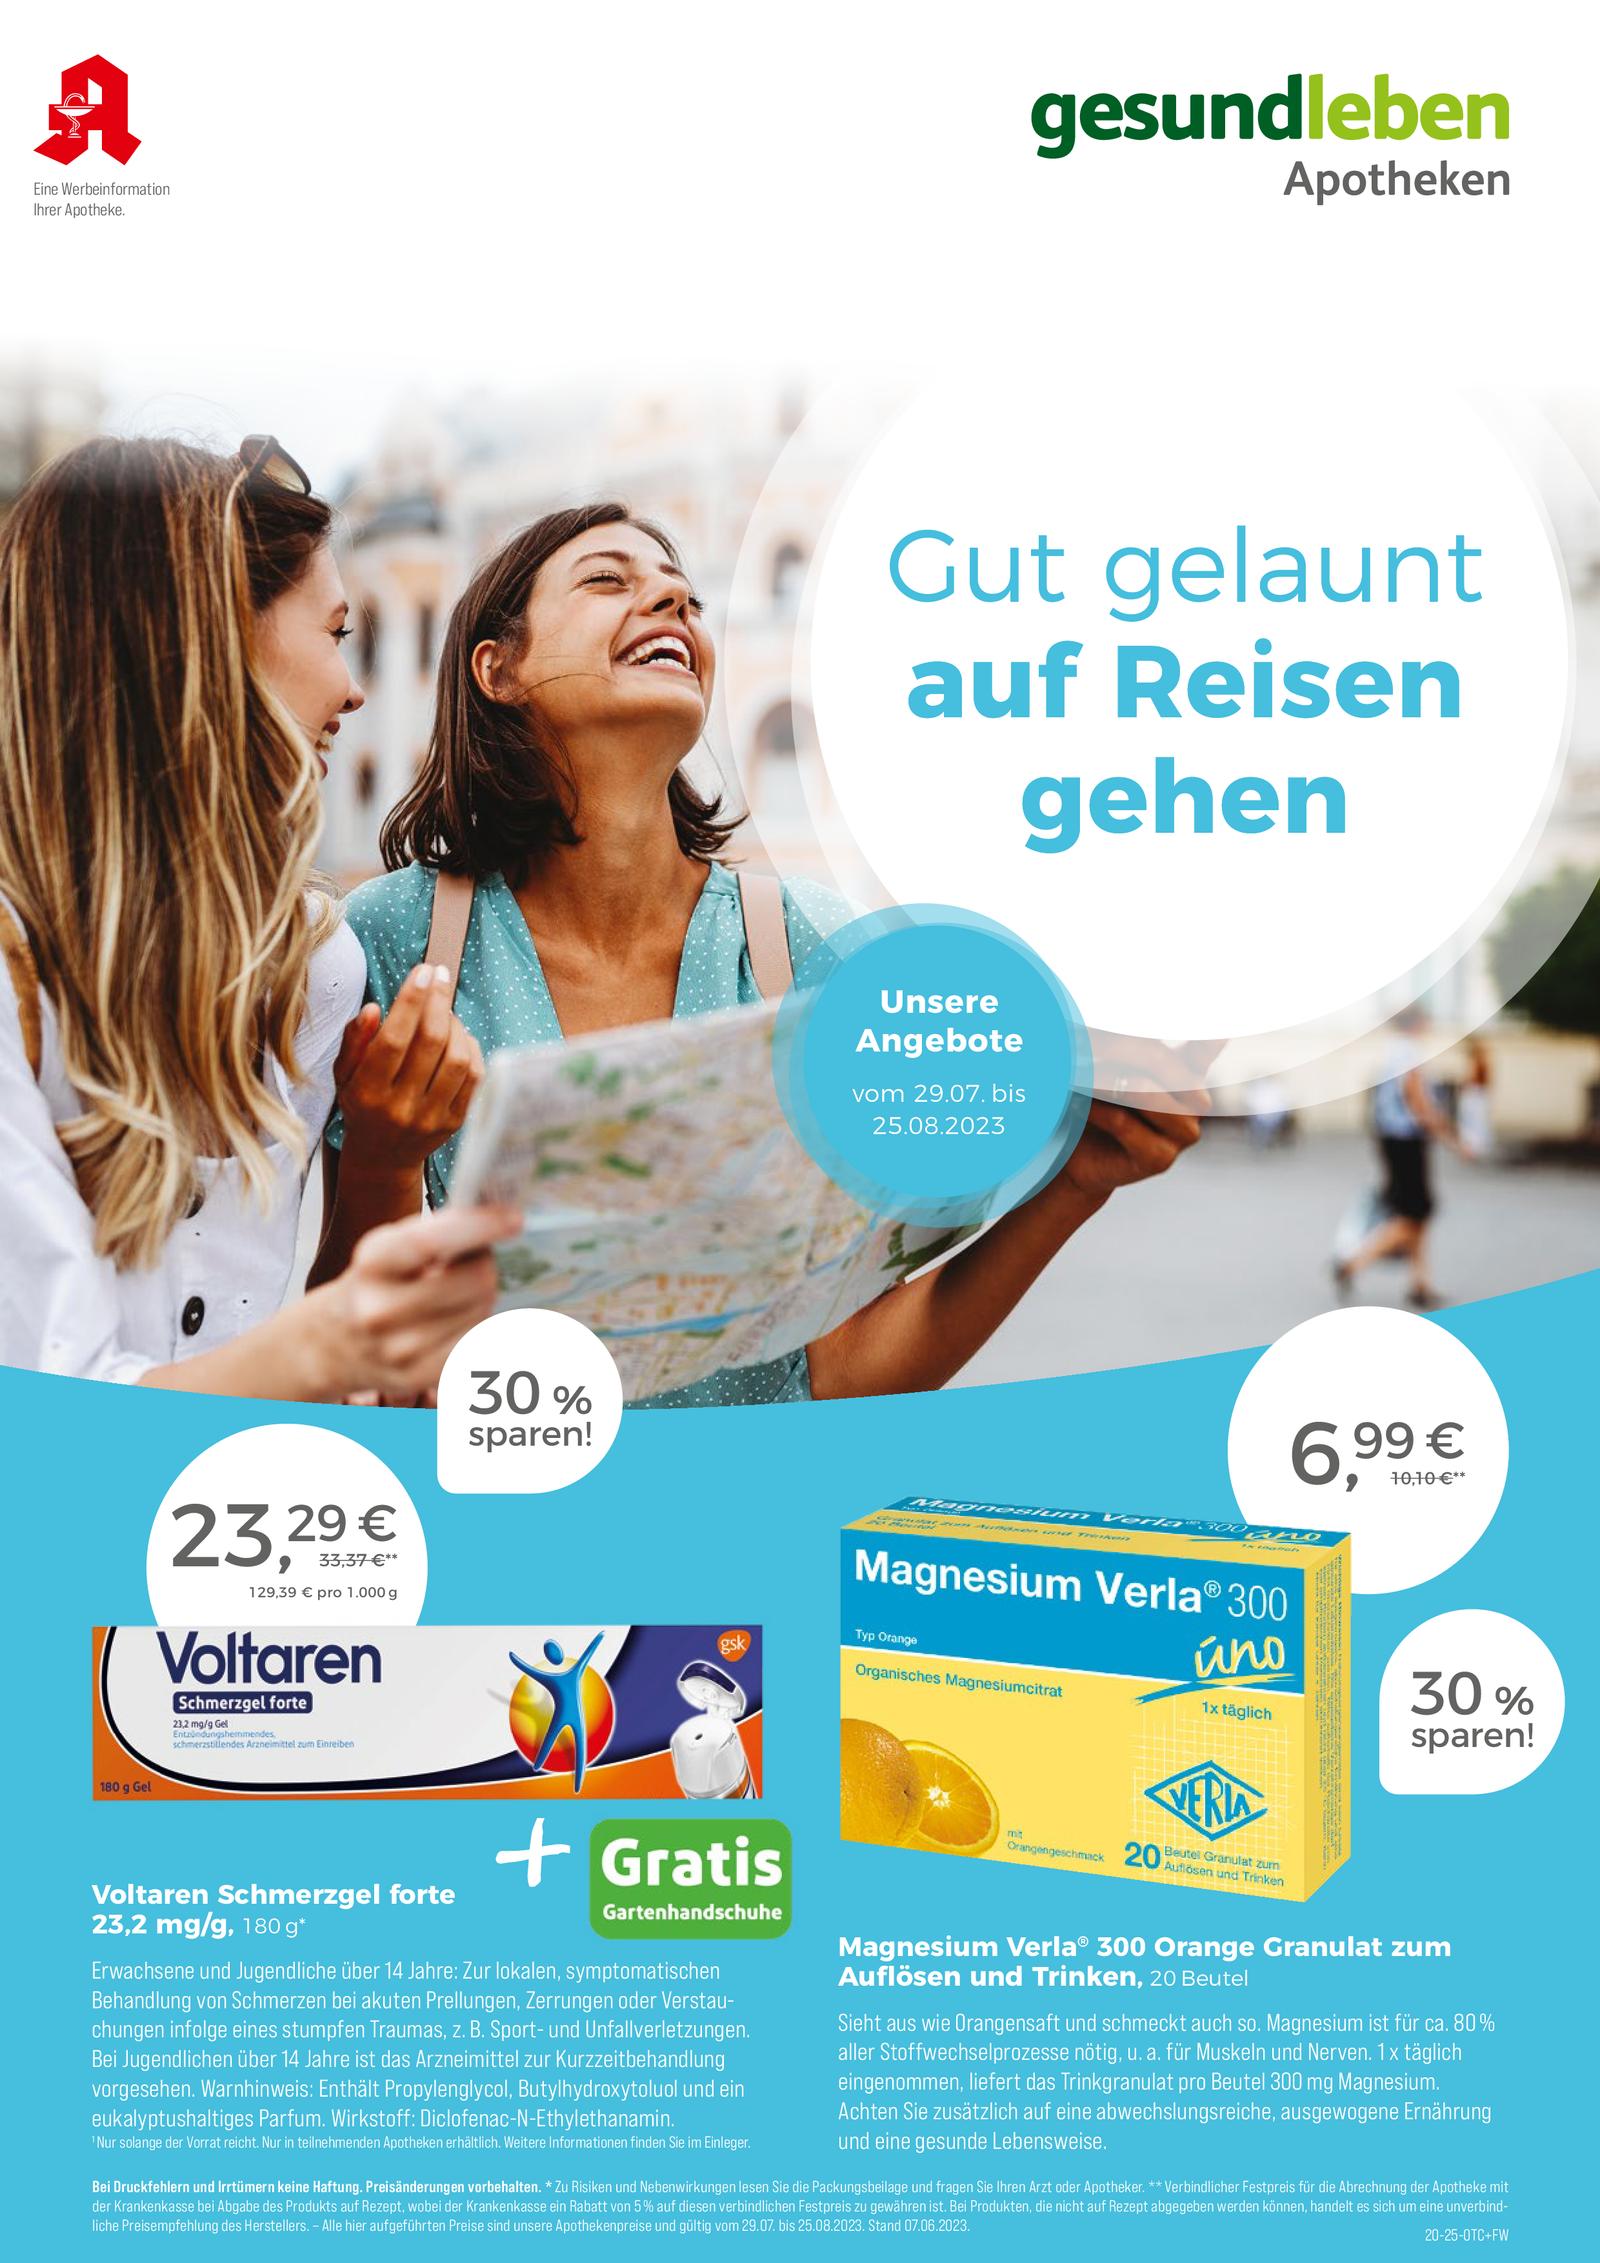 https://mein-uploads.apocdn.net/17514/leaflets/gesundleben_mittel-Seite1.png